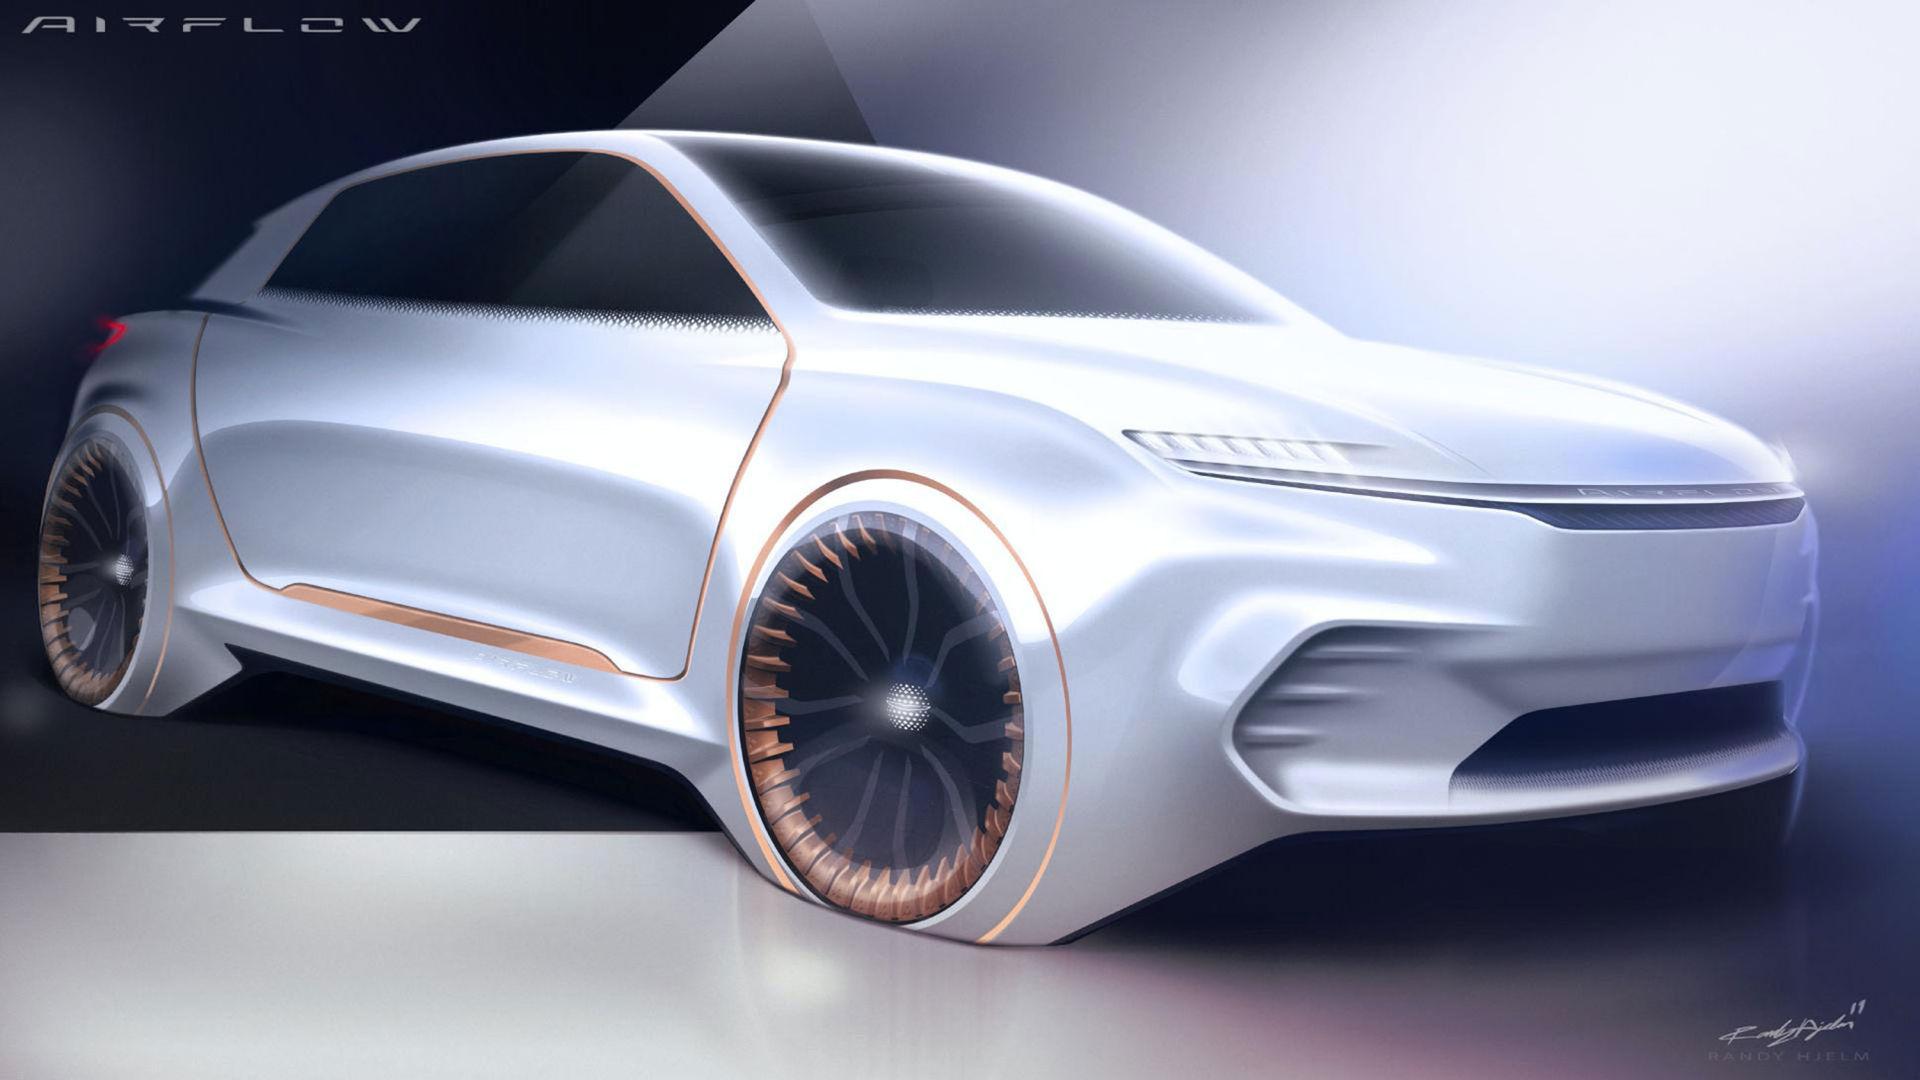 Airflow Vision - ny konceptbil från Fiat Chrysler